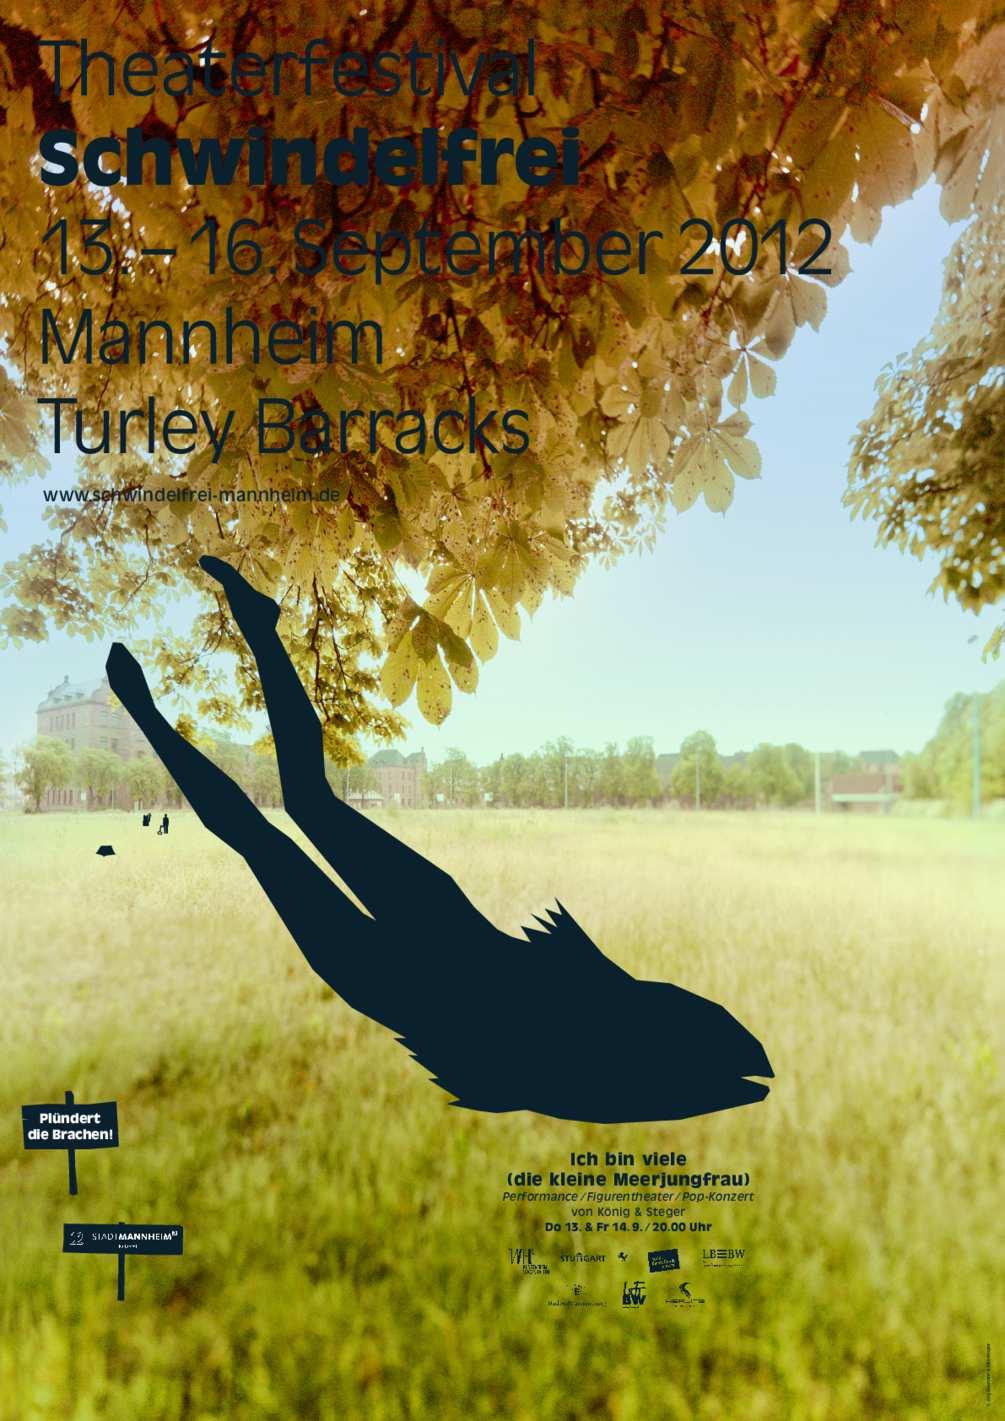 theater-festival-schwindelfrei-poster-00-1005x1421px